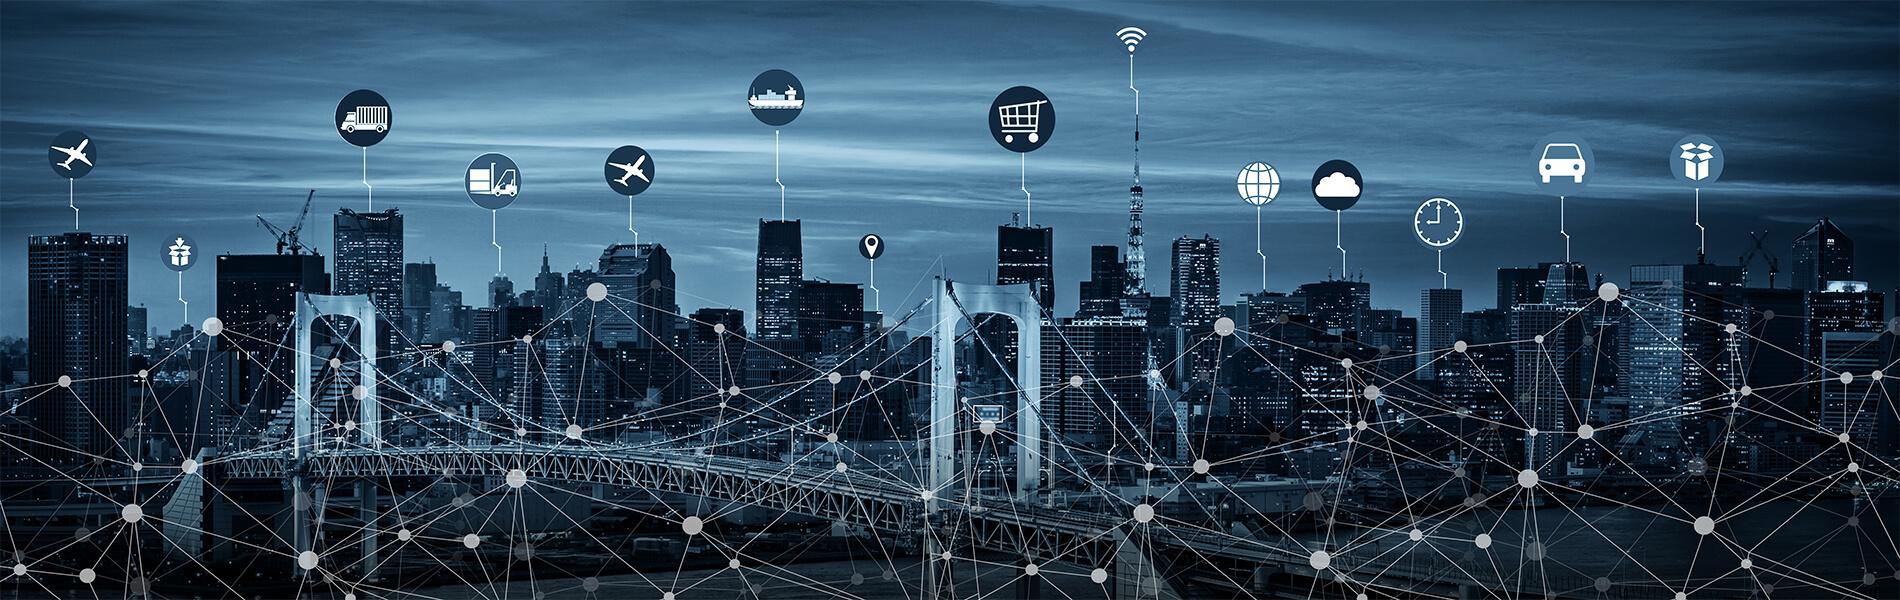 Jetzt die Weichen für die Urbane Logistik stellen – vier Szenarien für 2030